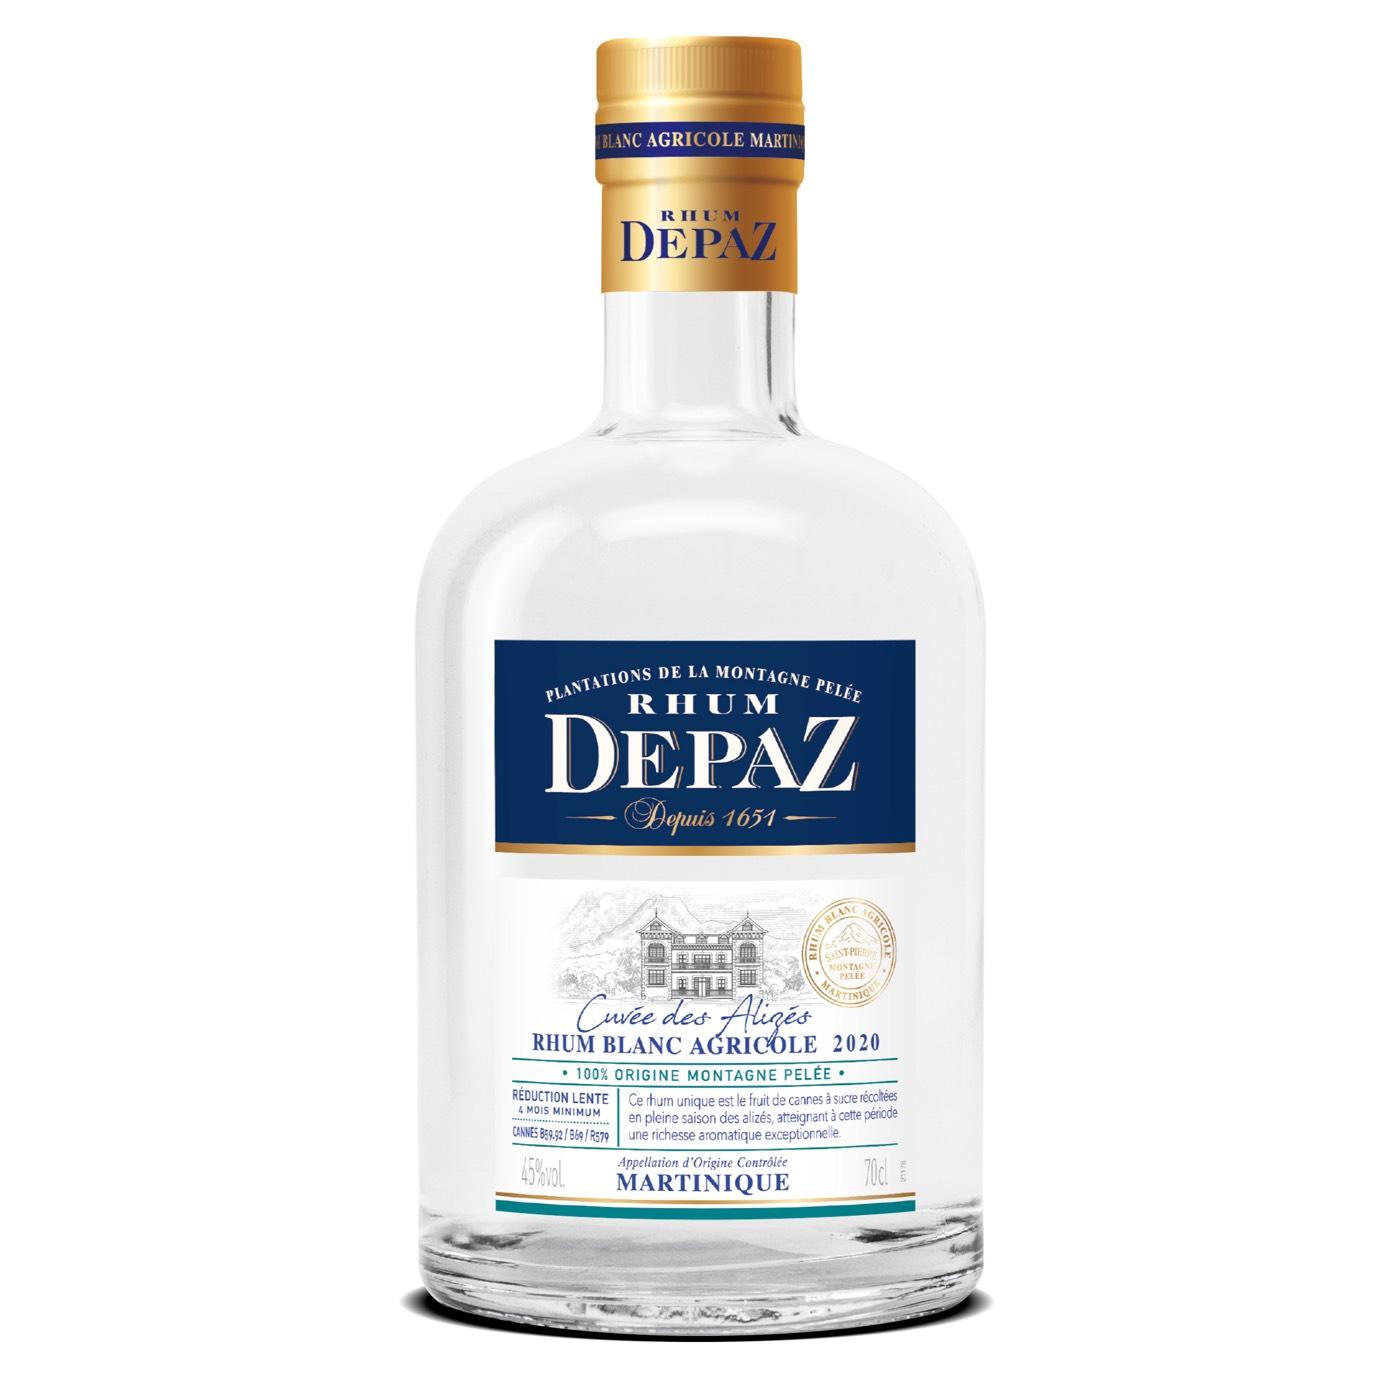 Bottle image of Cuvée des Alizés